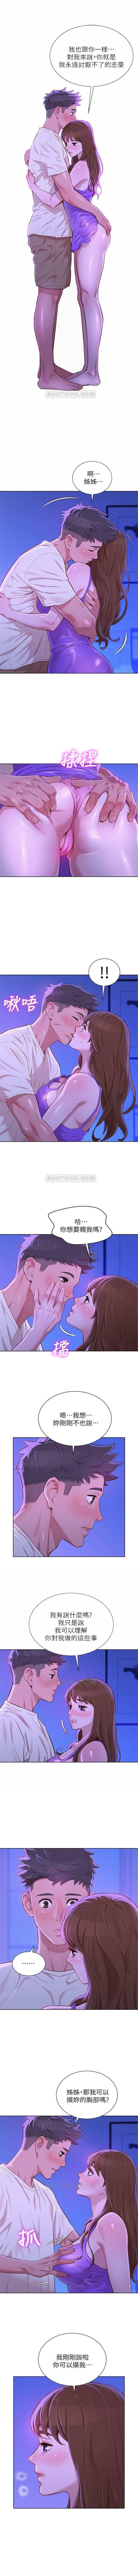 (週7)漂亮幹姐姐  1-92 中文翻譯 (更新中) 420